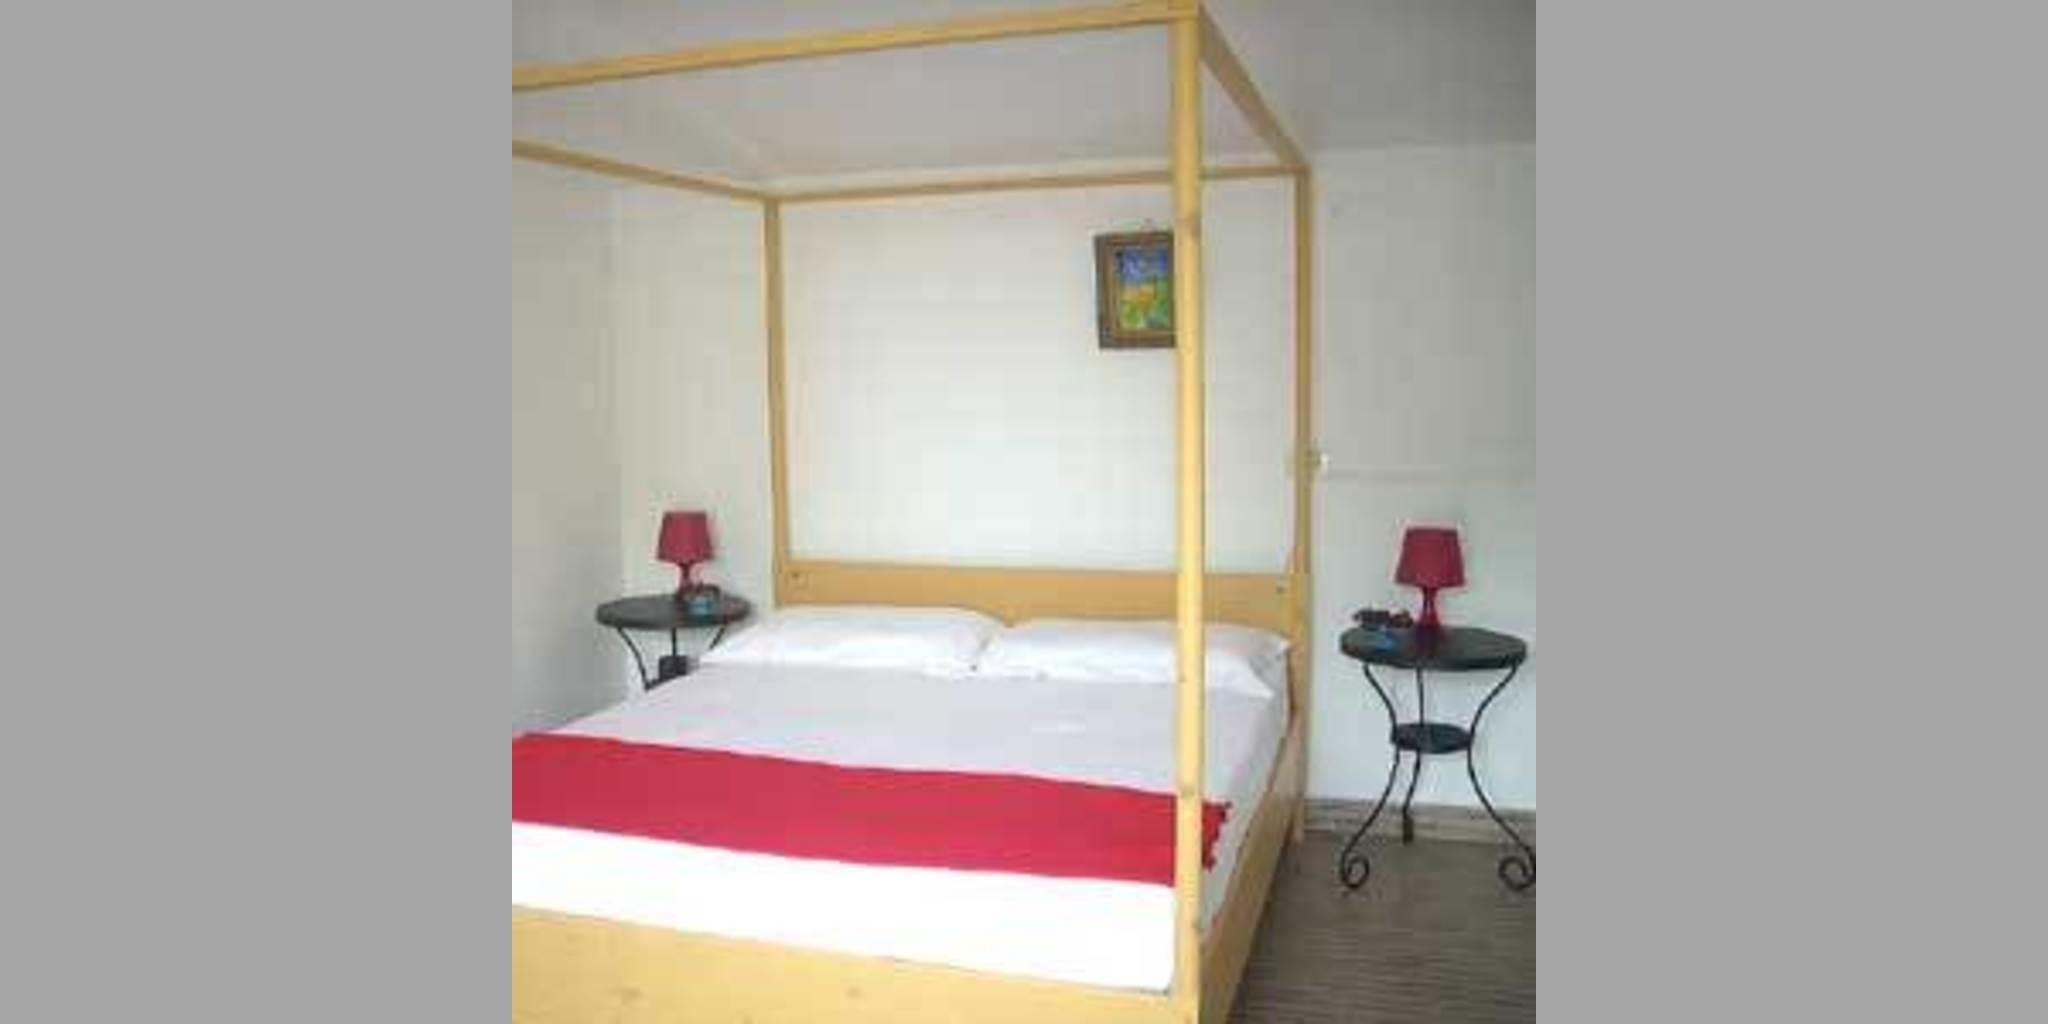 Bed & Breakfast Santa Lucia Di Piave - Vecellio